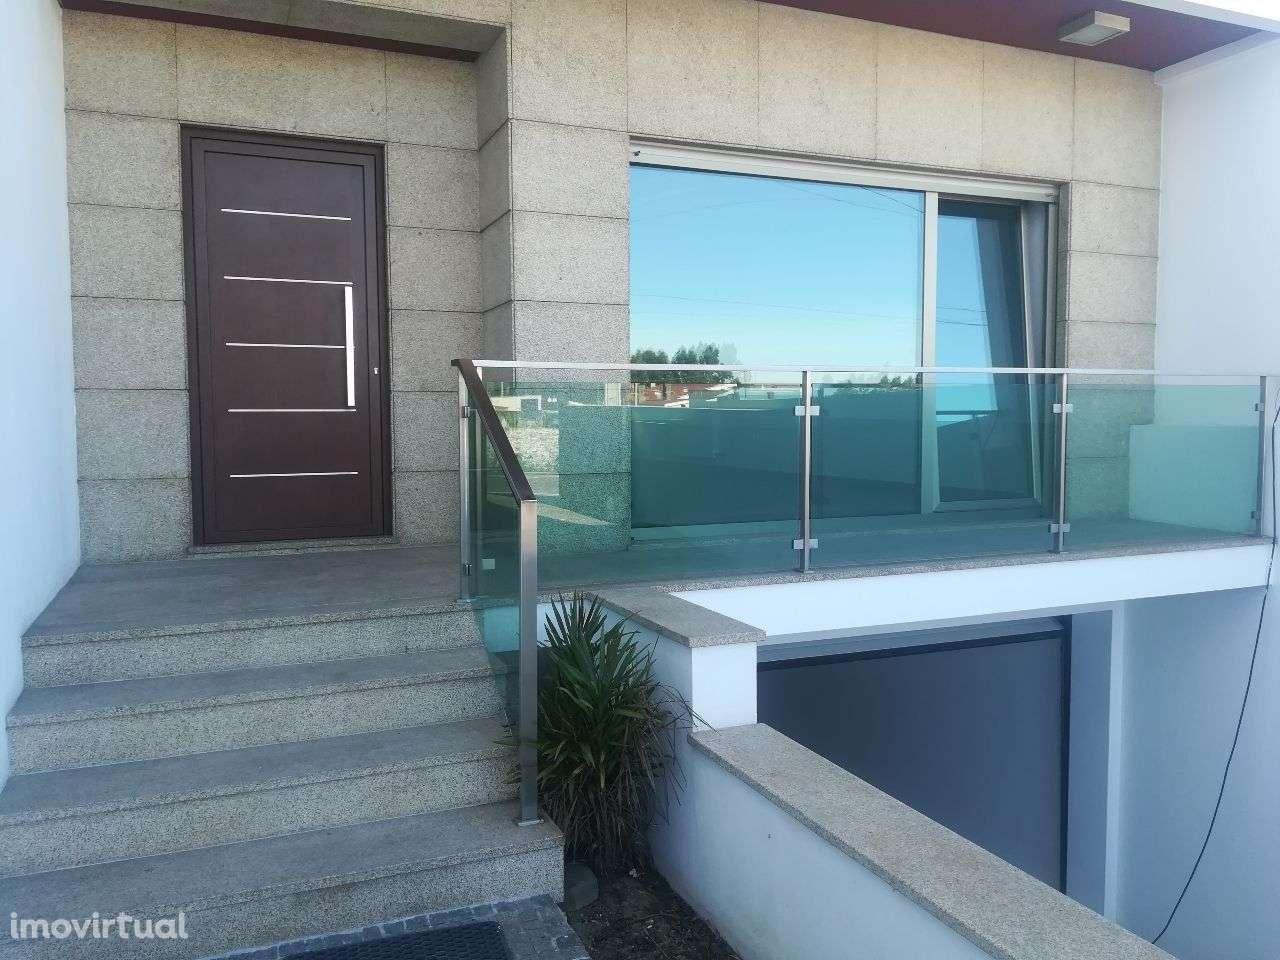 Moradia para comprar, Santa Maria da Feira, Travanca, Sanfins e Espargo, Aveiro - Foto 1